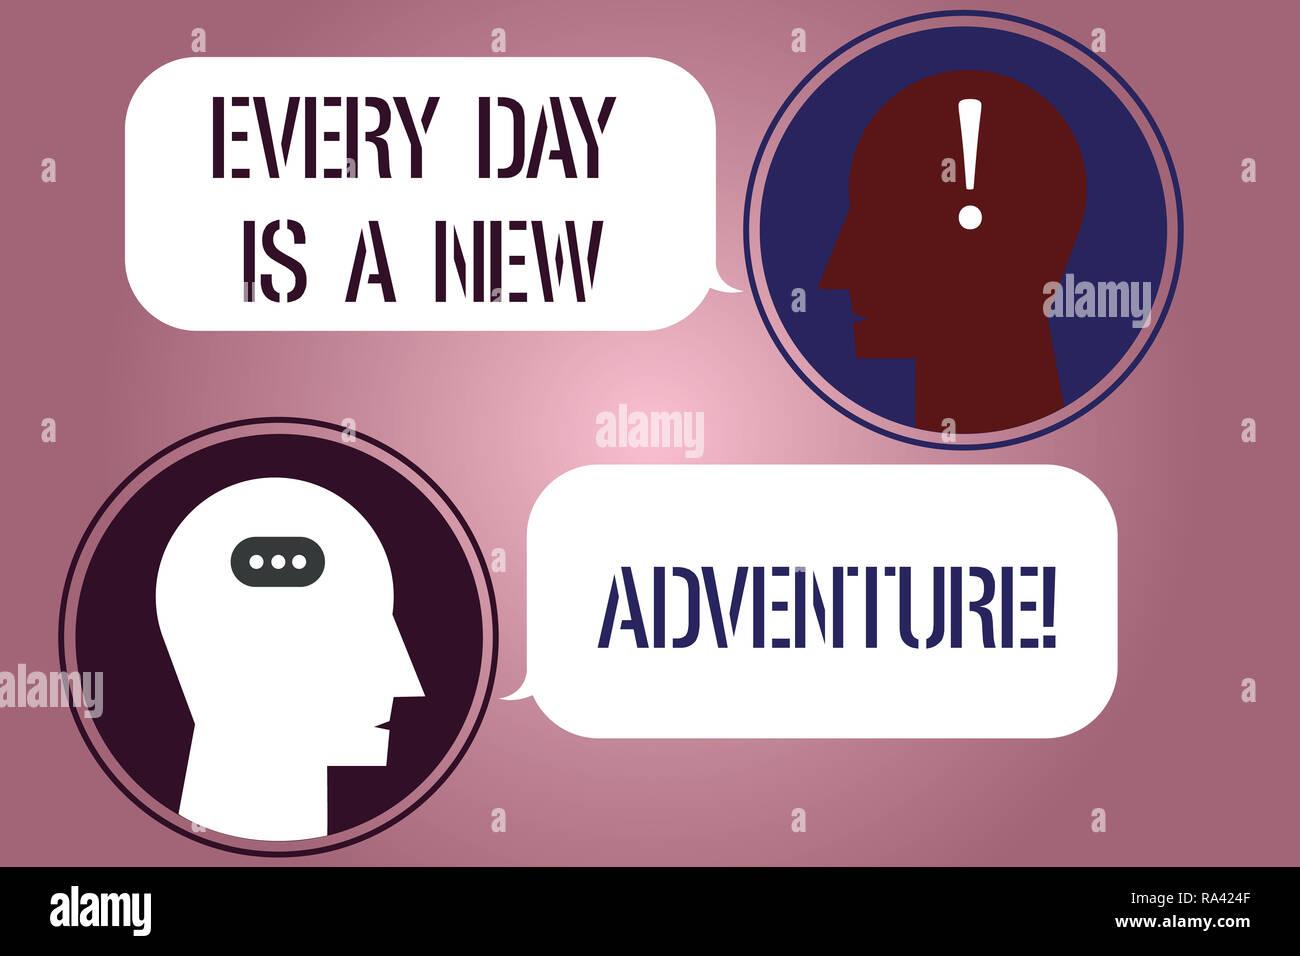 Escribir nota mostrando cada día es una nueva aventura. Exhibición fotográfica de negocios Comience su día con positivismo motivación Messenger Sala con cabezas de Chat Imagen De Stock